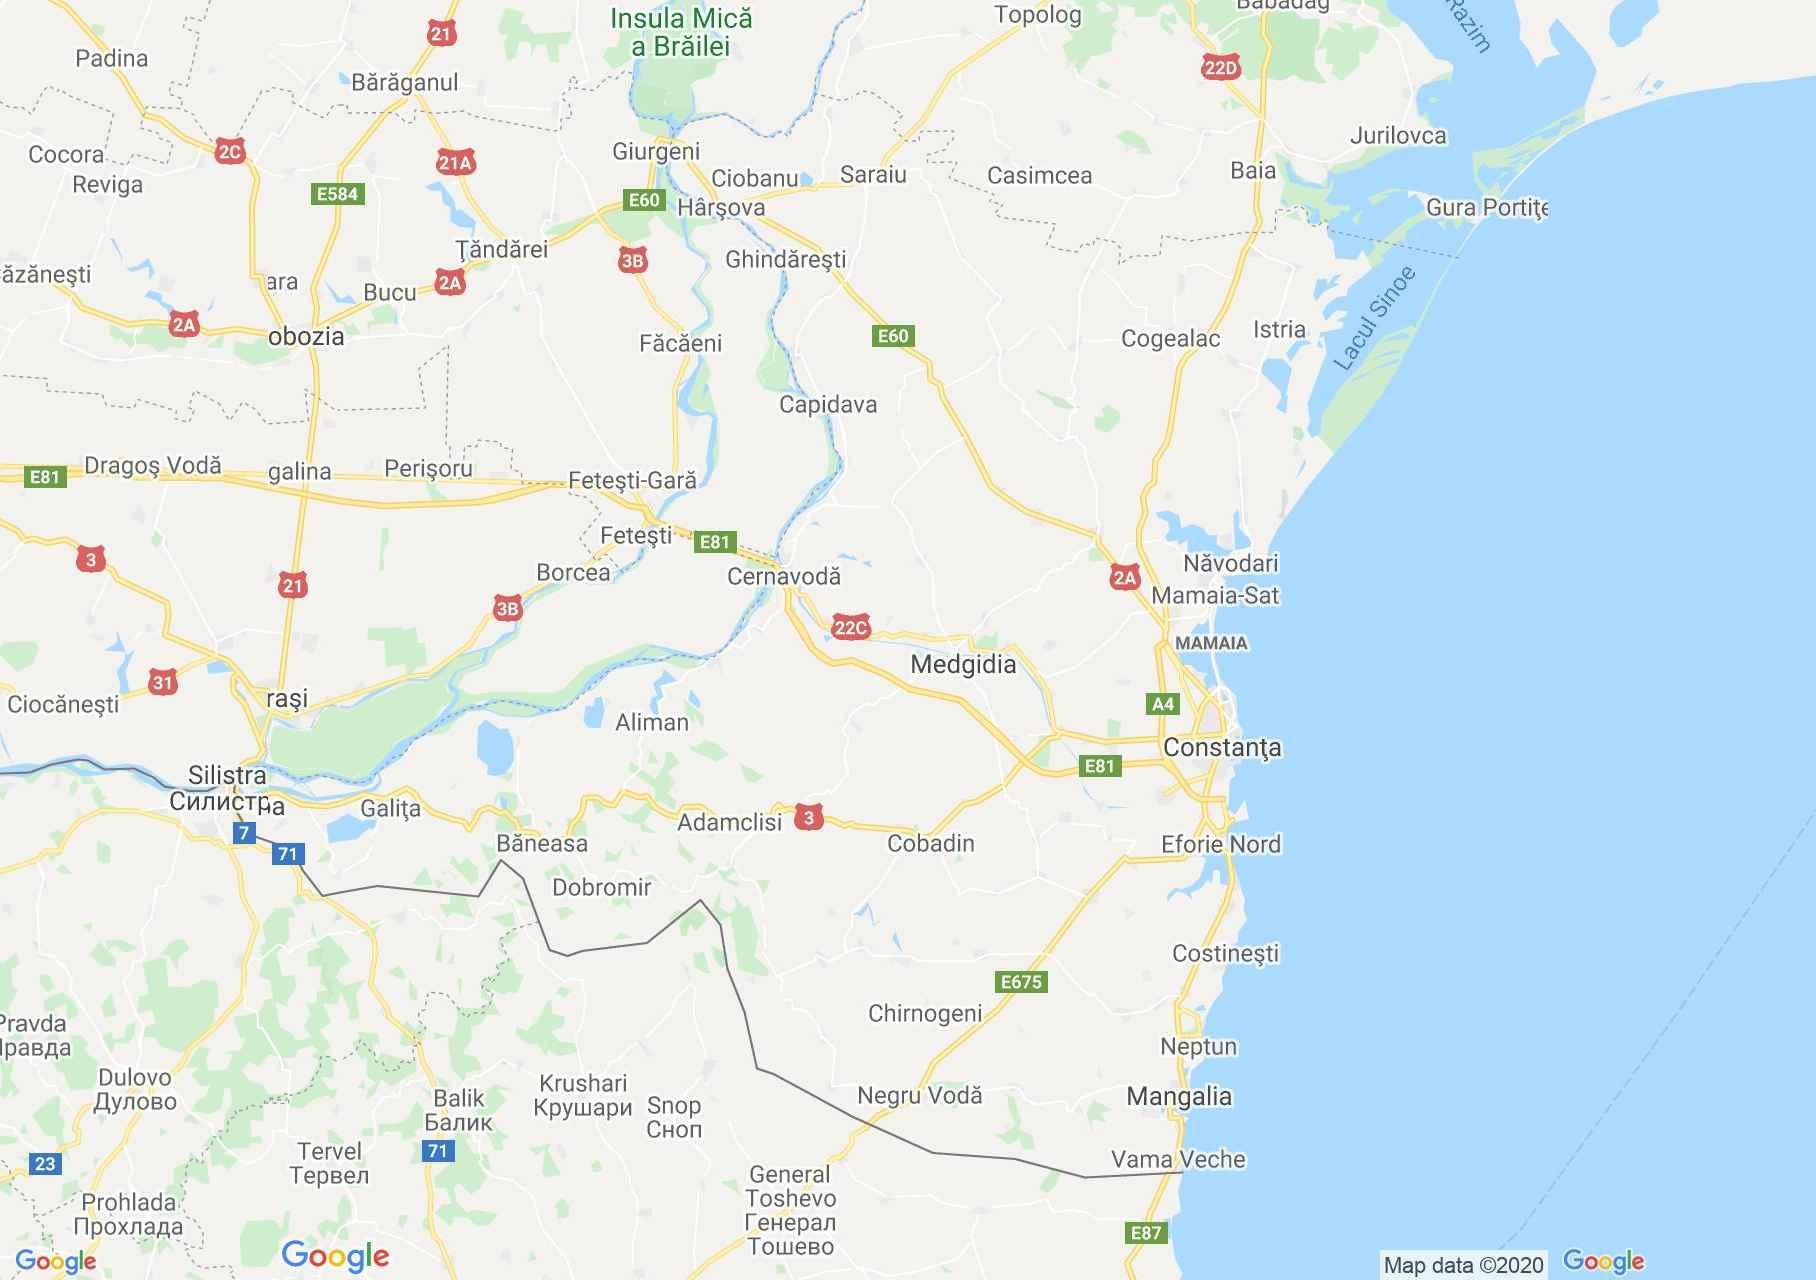 Judeţul Constanţa: (Constanța), Harta turistică interactivă